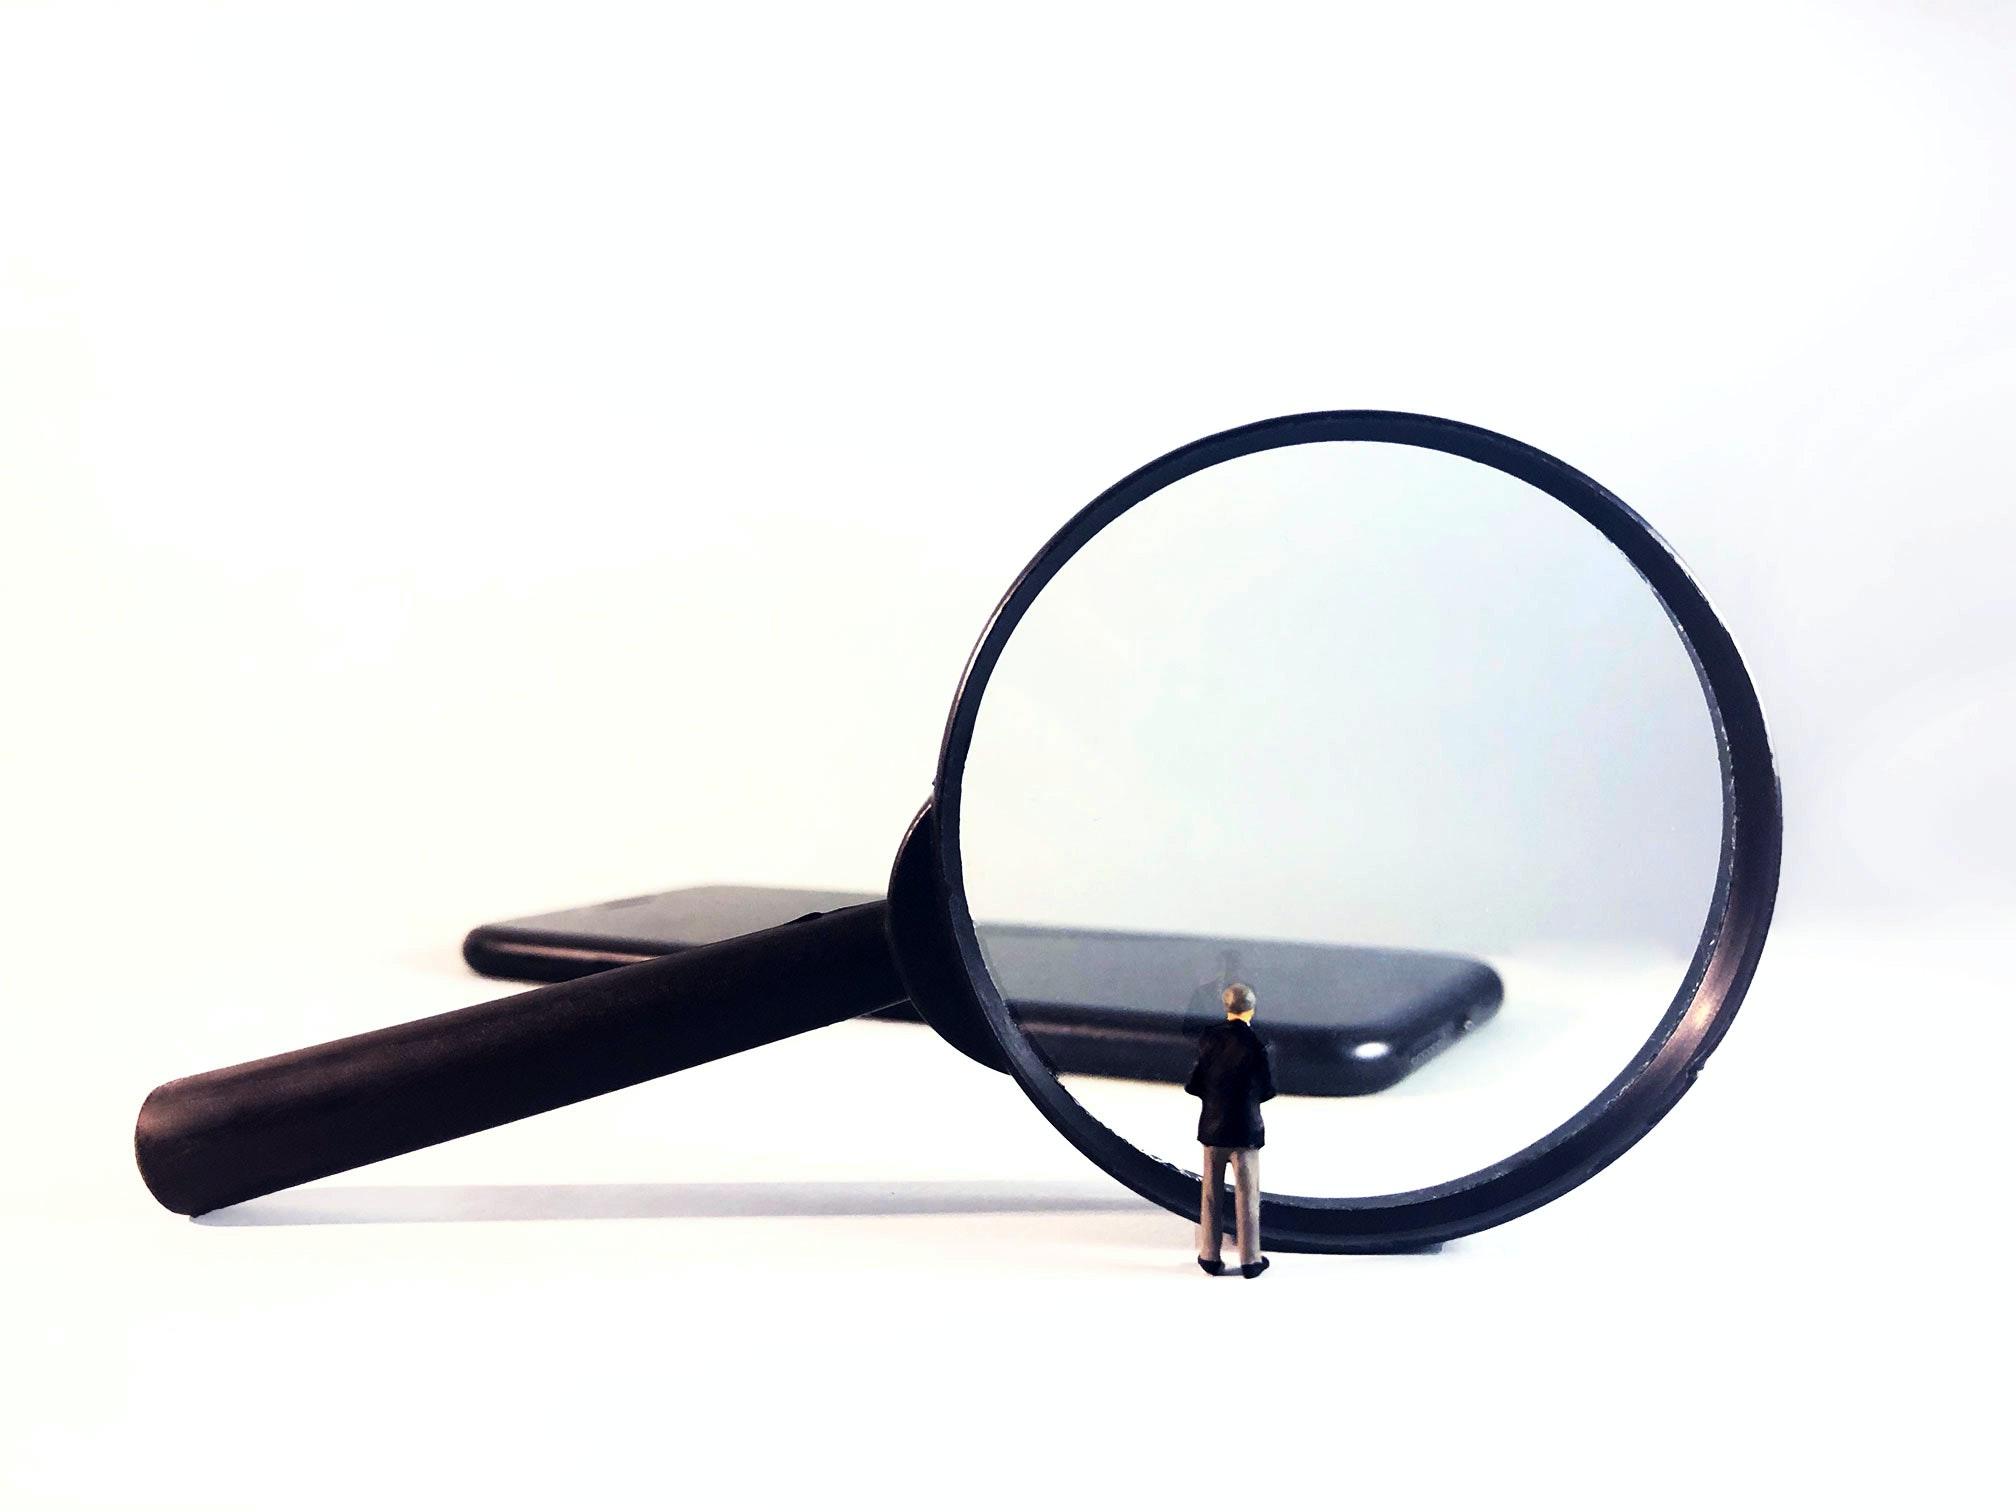 3erstklassig bewertete Remote-Monitoring-Tools für das IT-Controlling